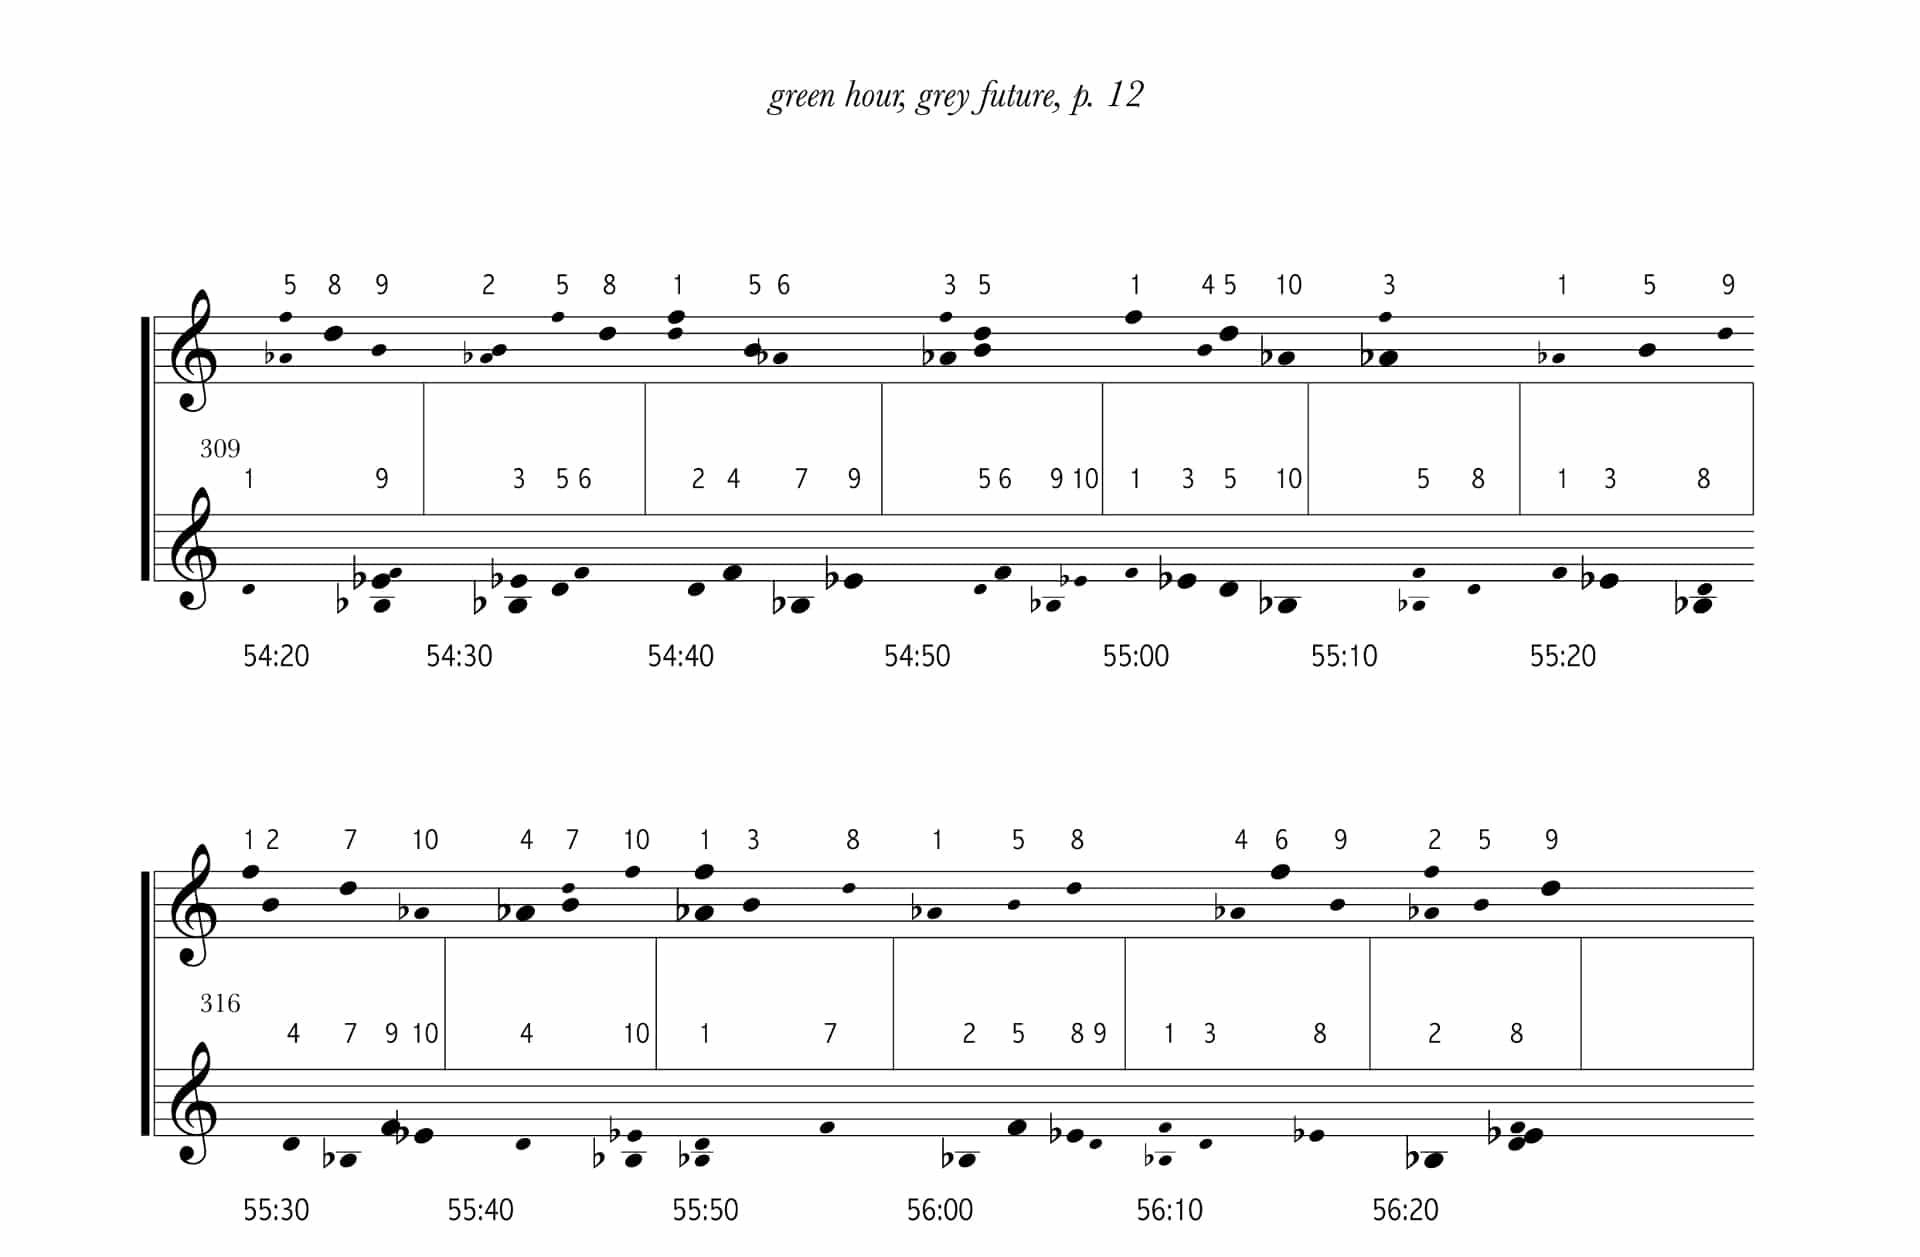 Michael Pisaro - excerpt from green hour, grey future score